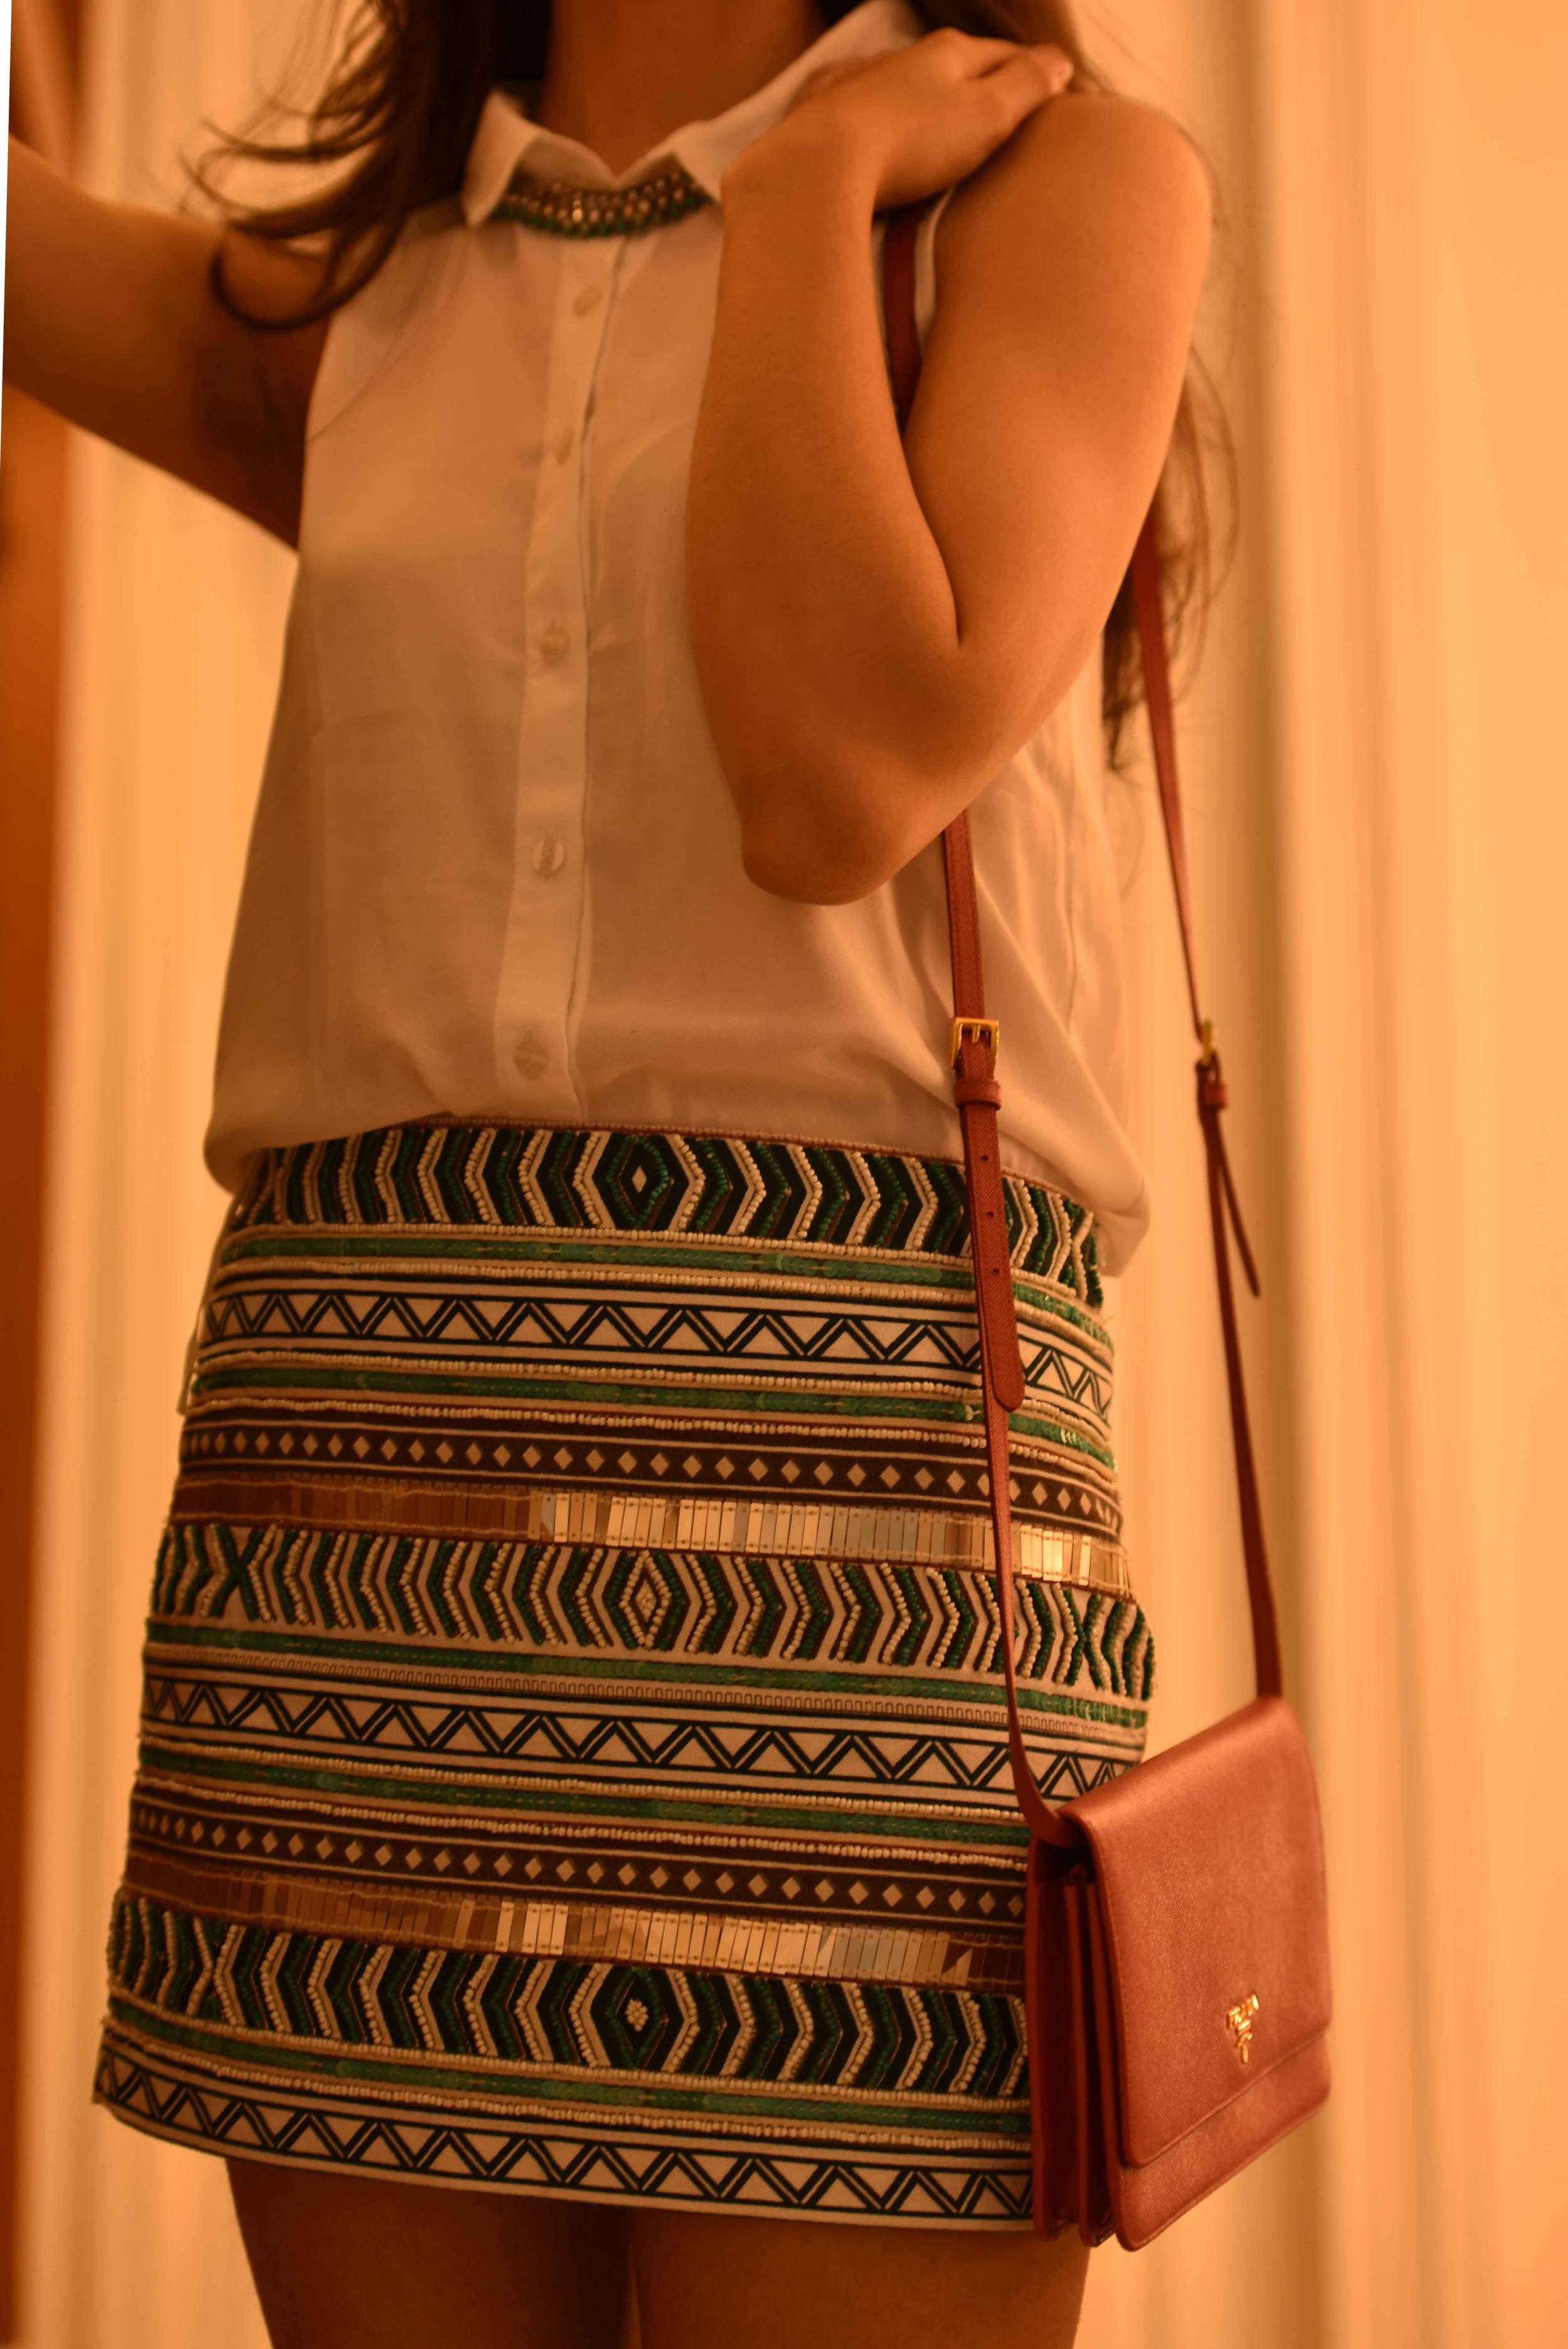 Zara mini-skirt with Prada bag. Image©gunjanvirk, Model: Mannat Dhaliwal